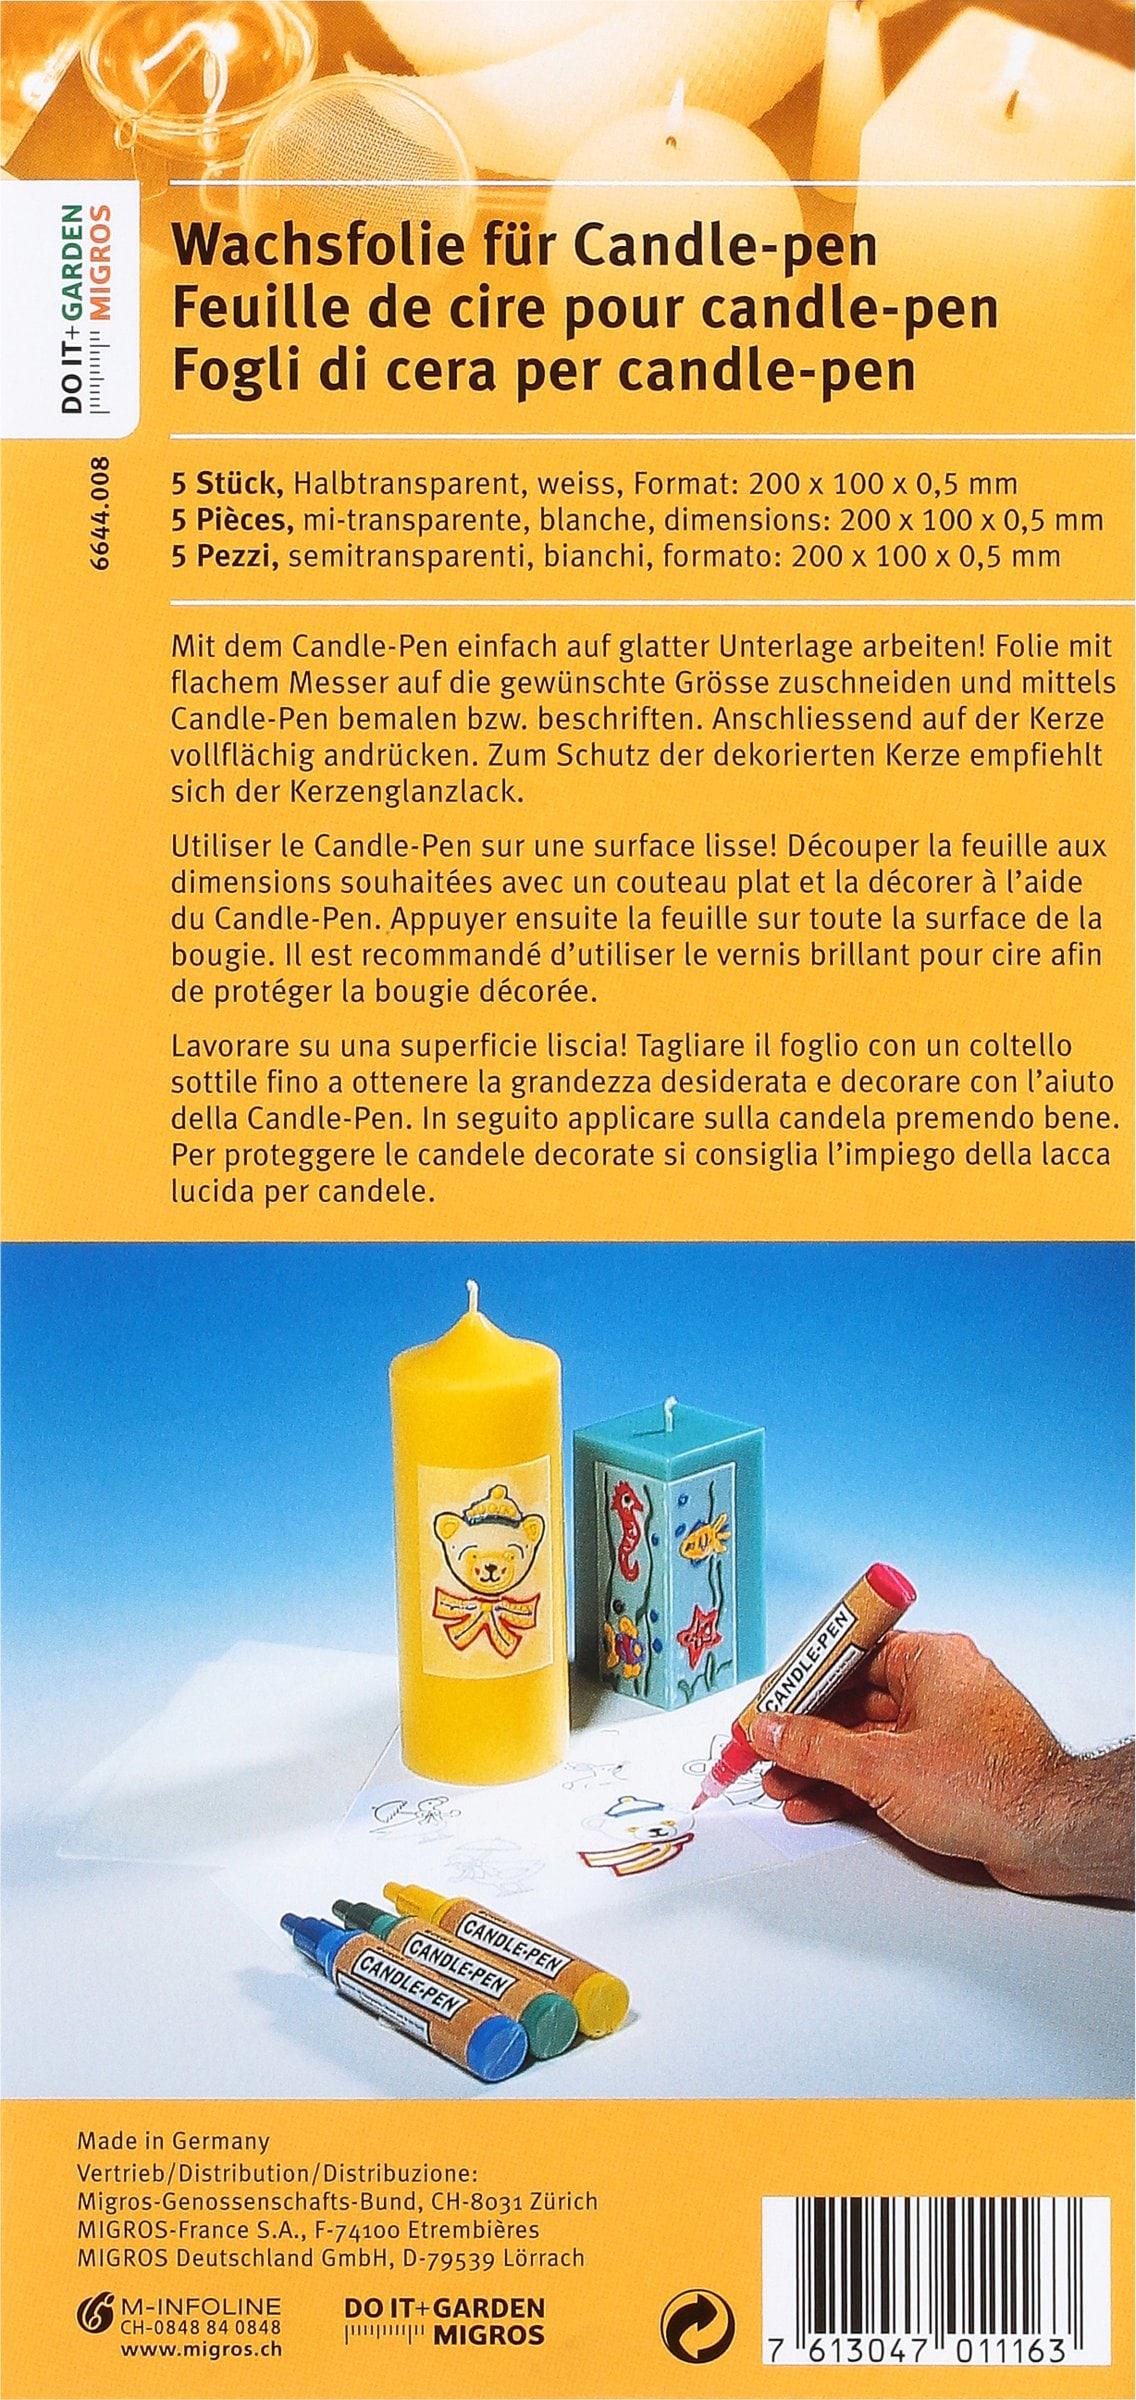 Exagon DOIT+GARDEN Wachsfolie für Candle-pen 5Stk